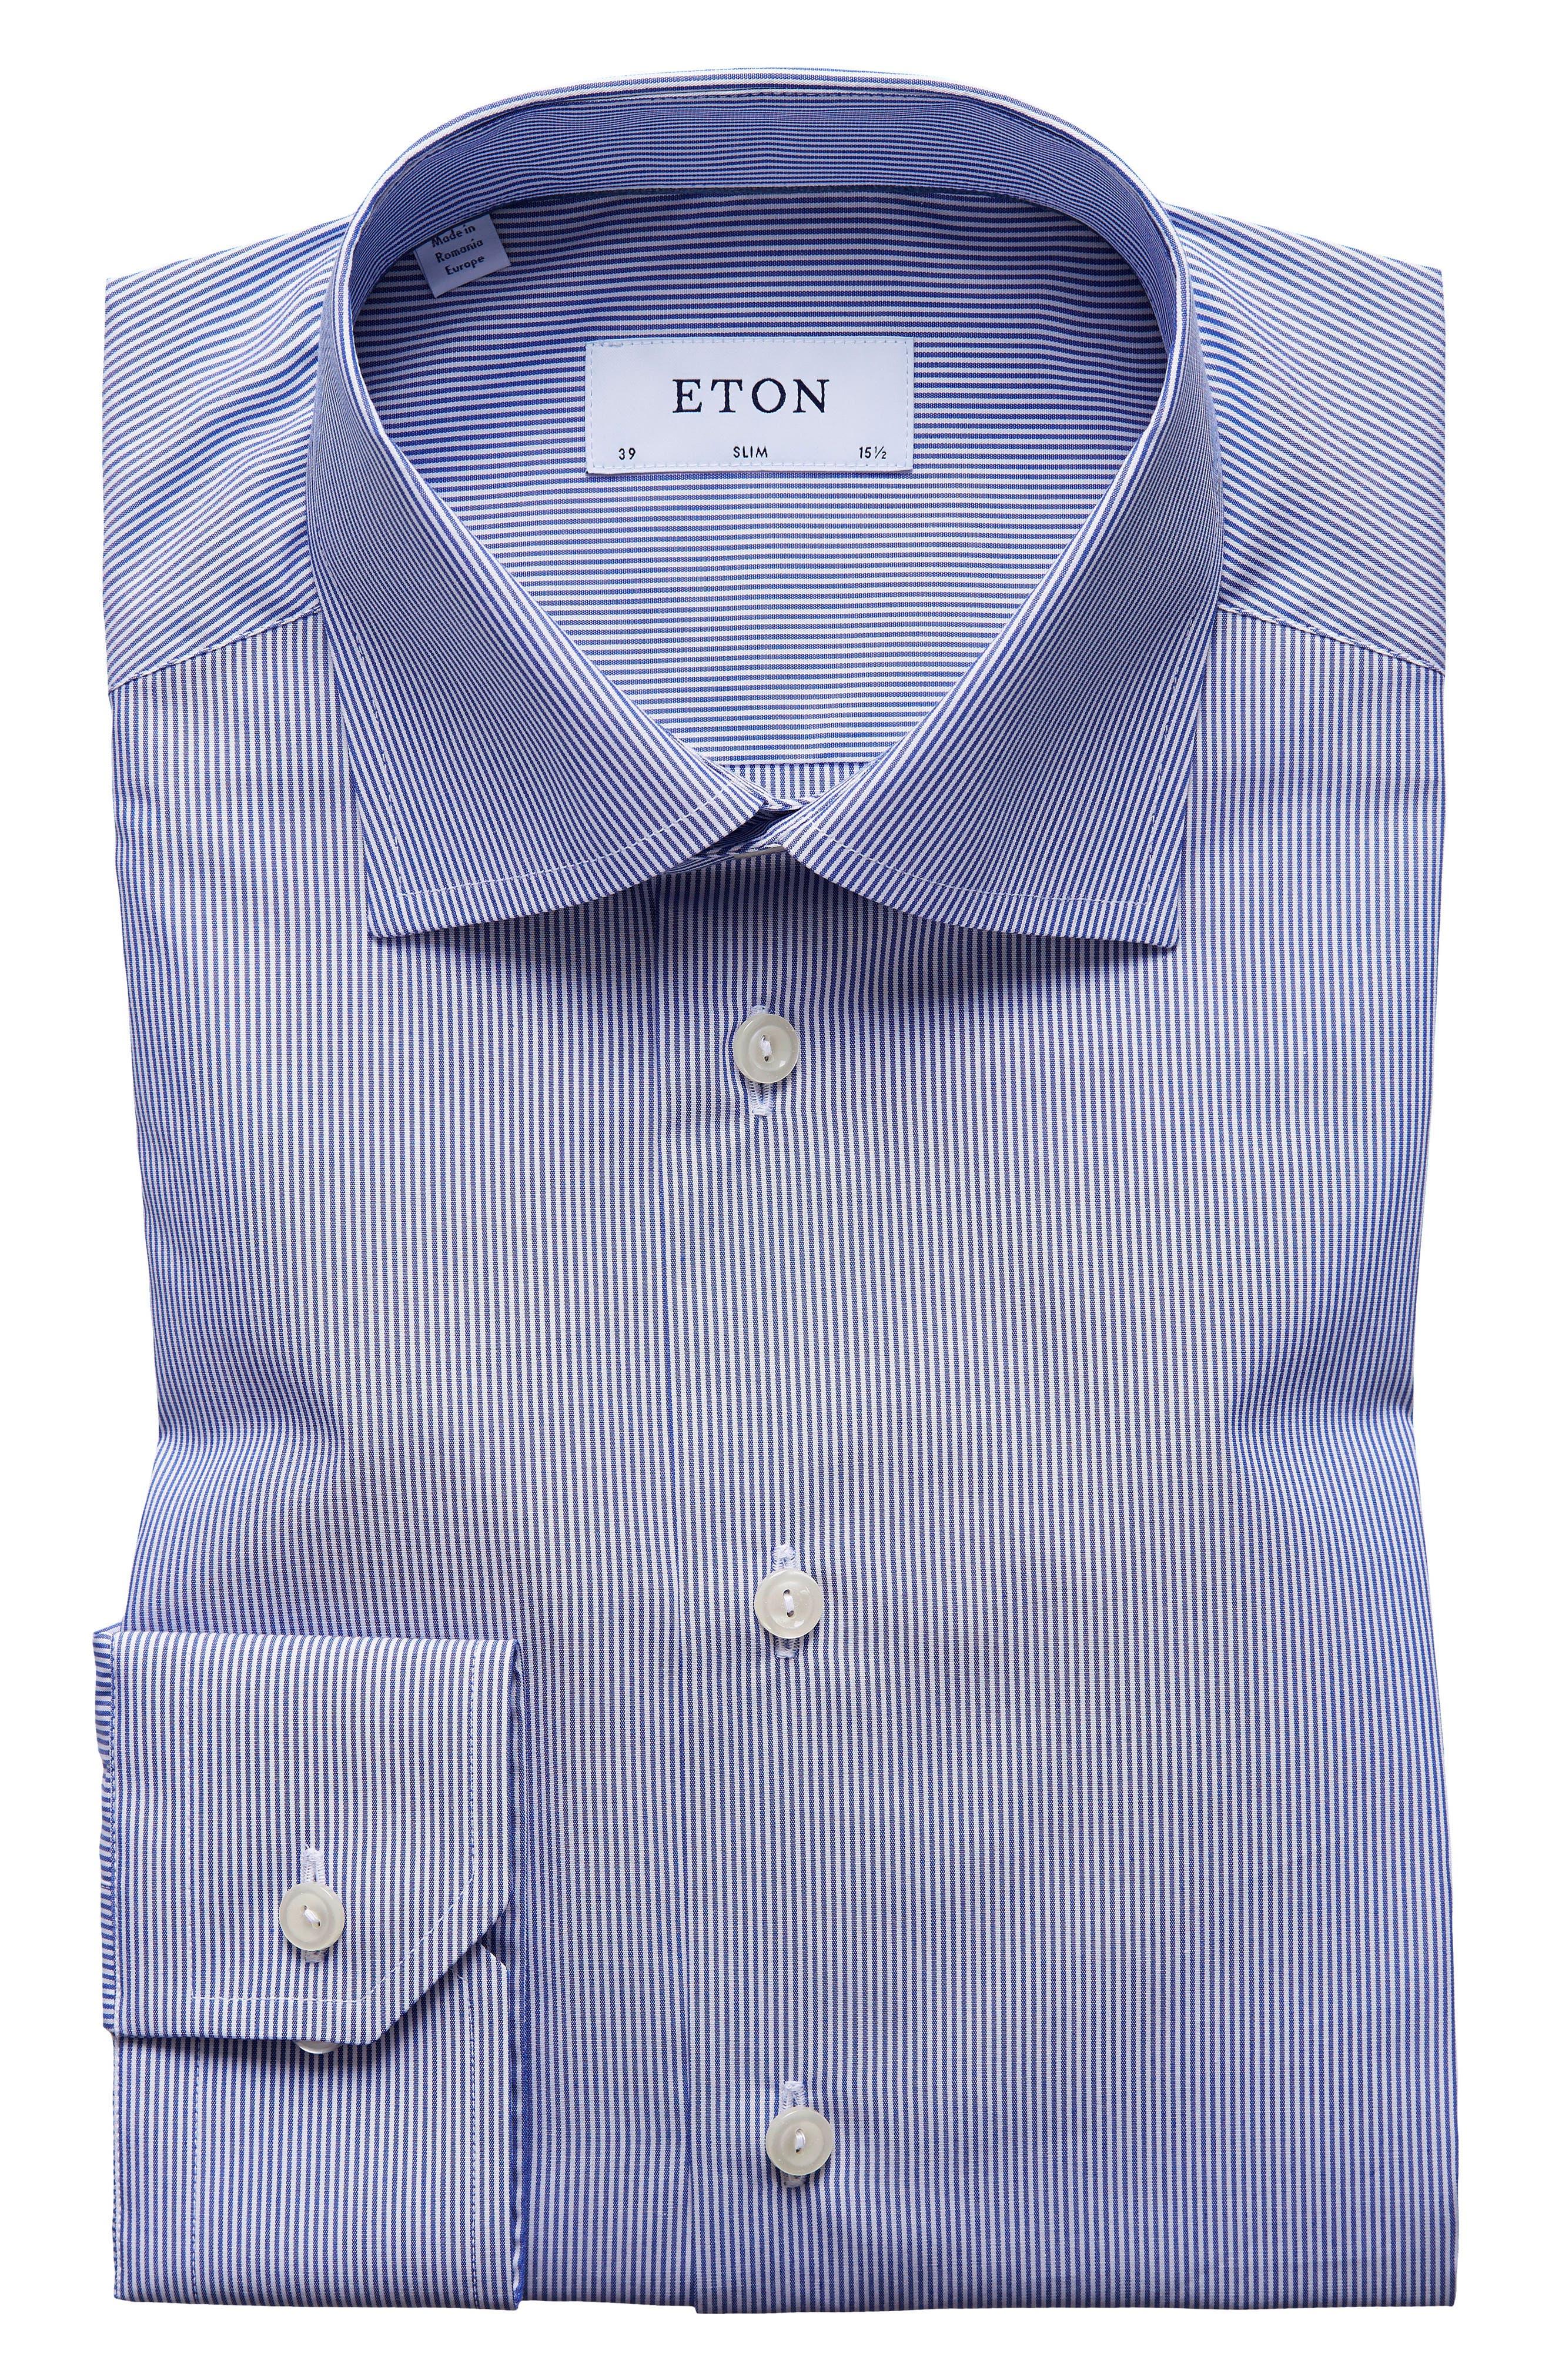 Extra Slim Fit Stripe Dress Shirt,                             Main thumbnail 1, color,                             Blue/ White